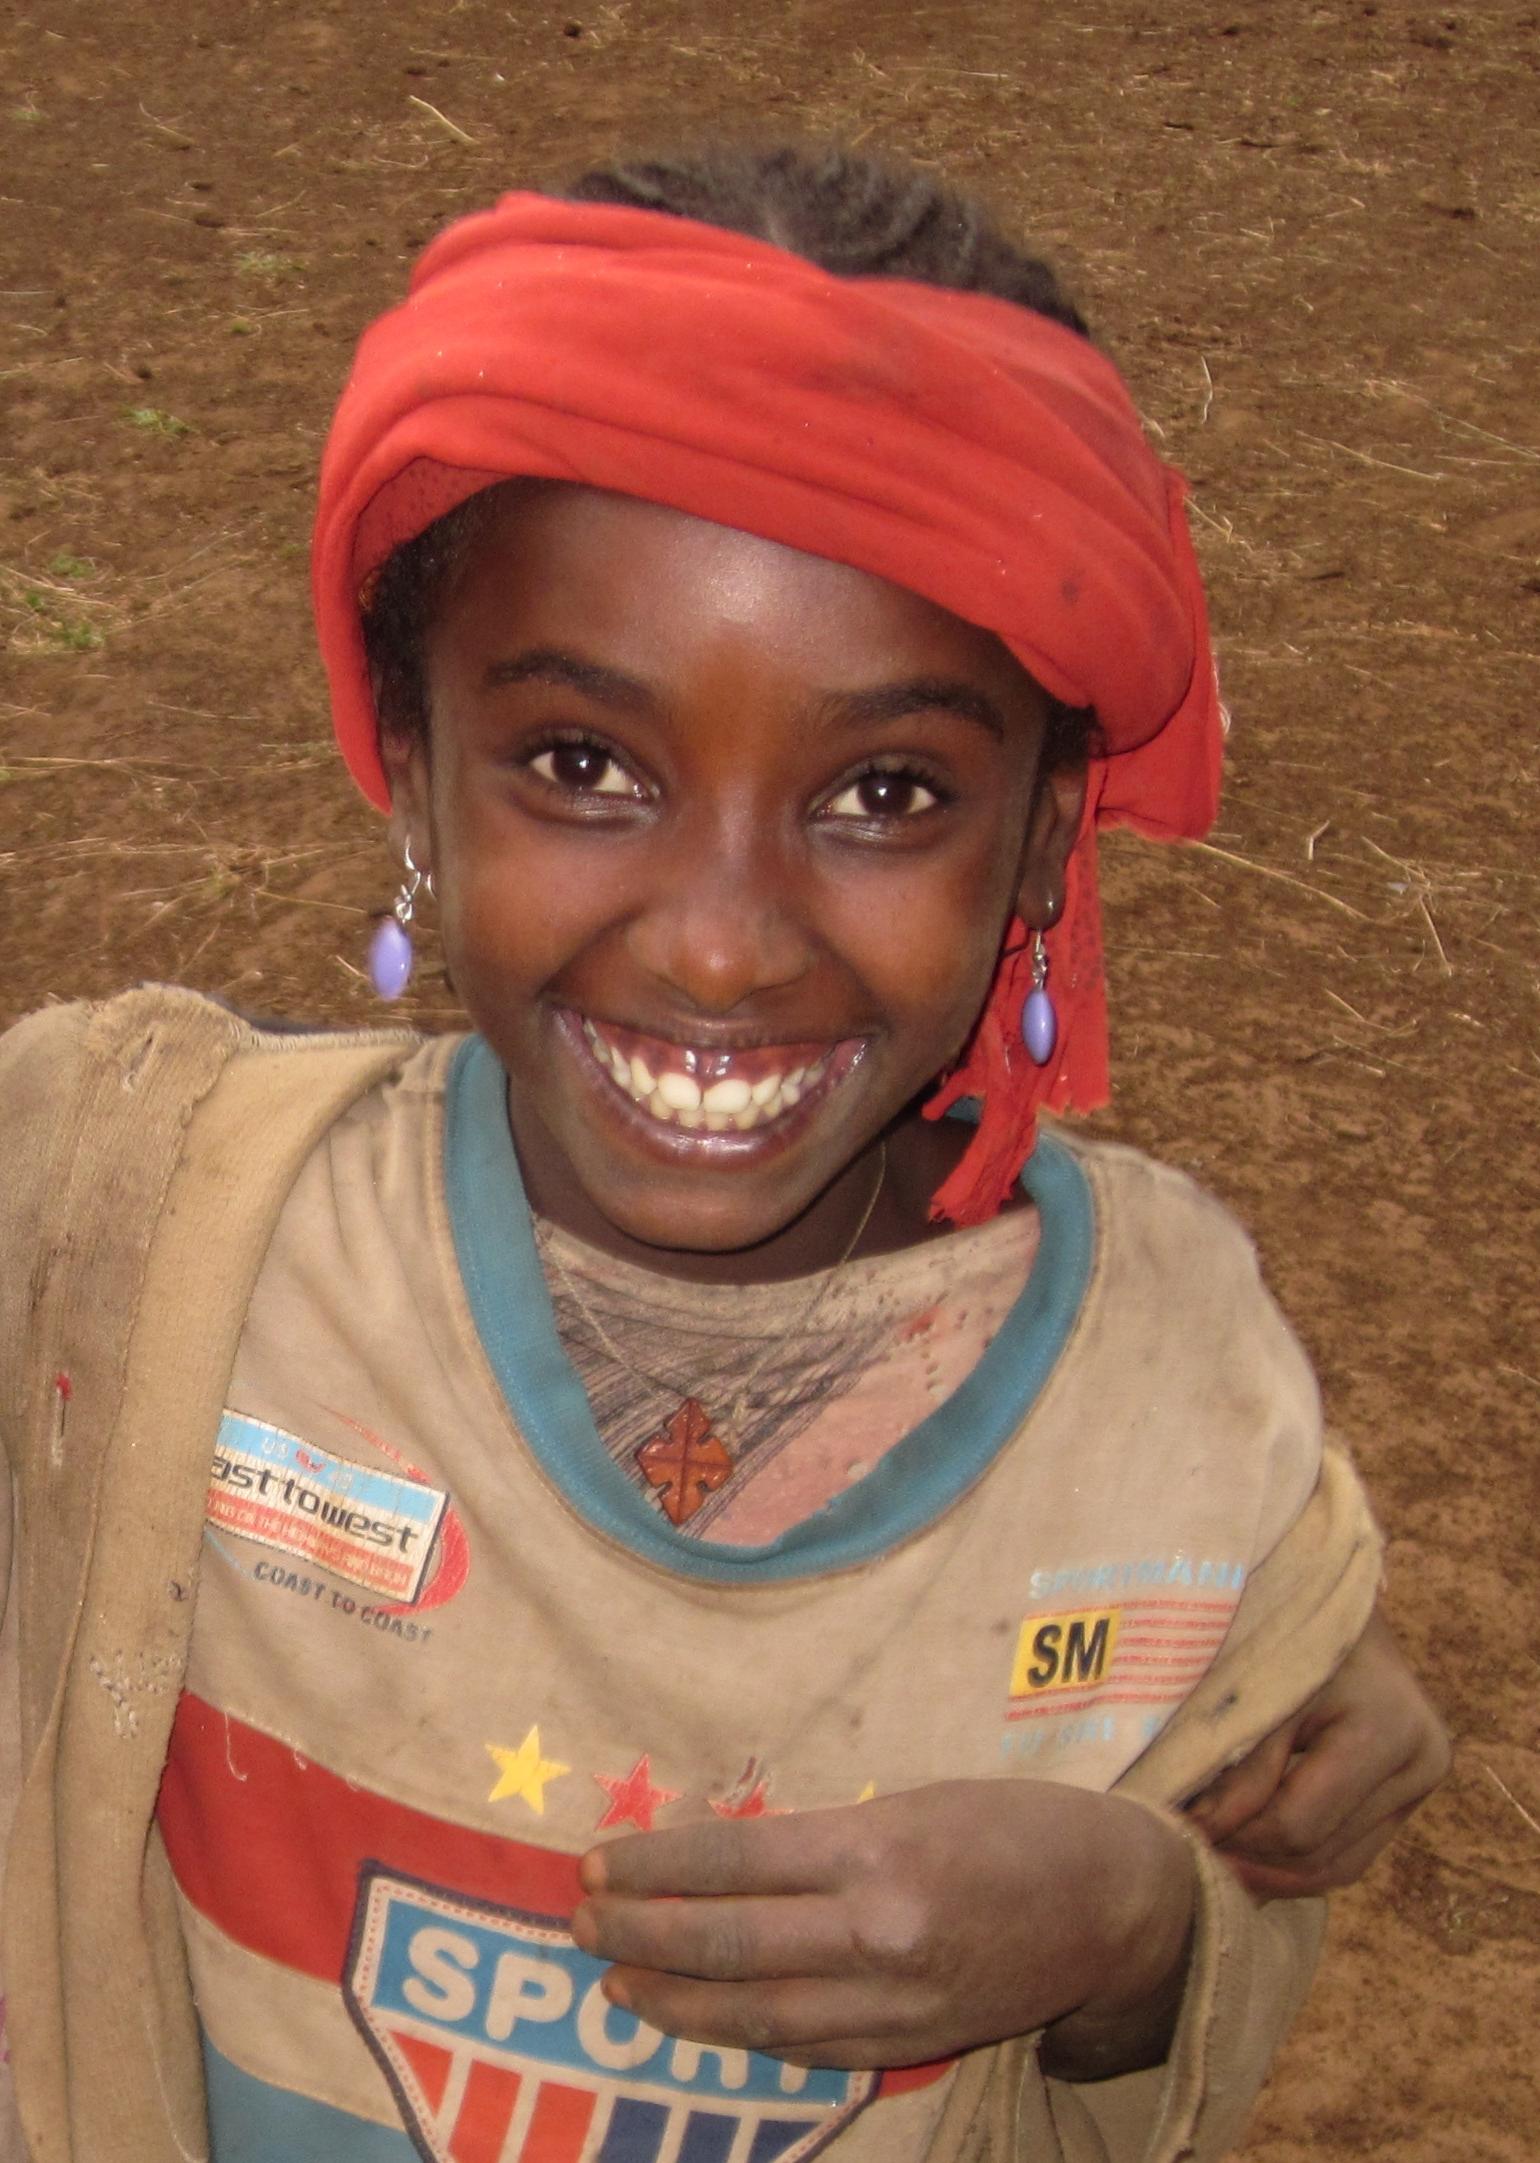 Nassaneth: La mirada de Alegría y Esperanza de Alegría con Gambo, Alegría Sin Fronteras